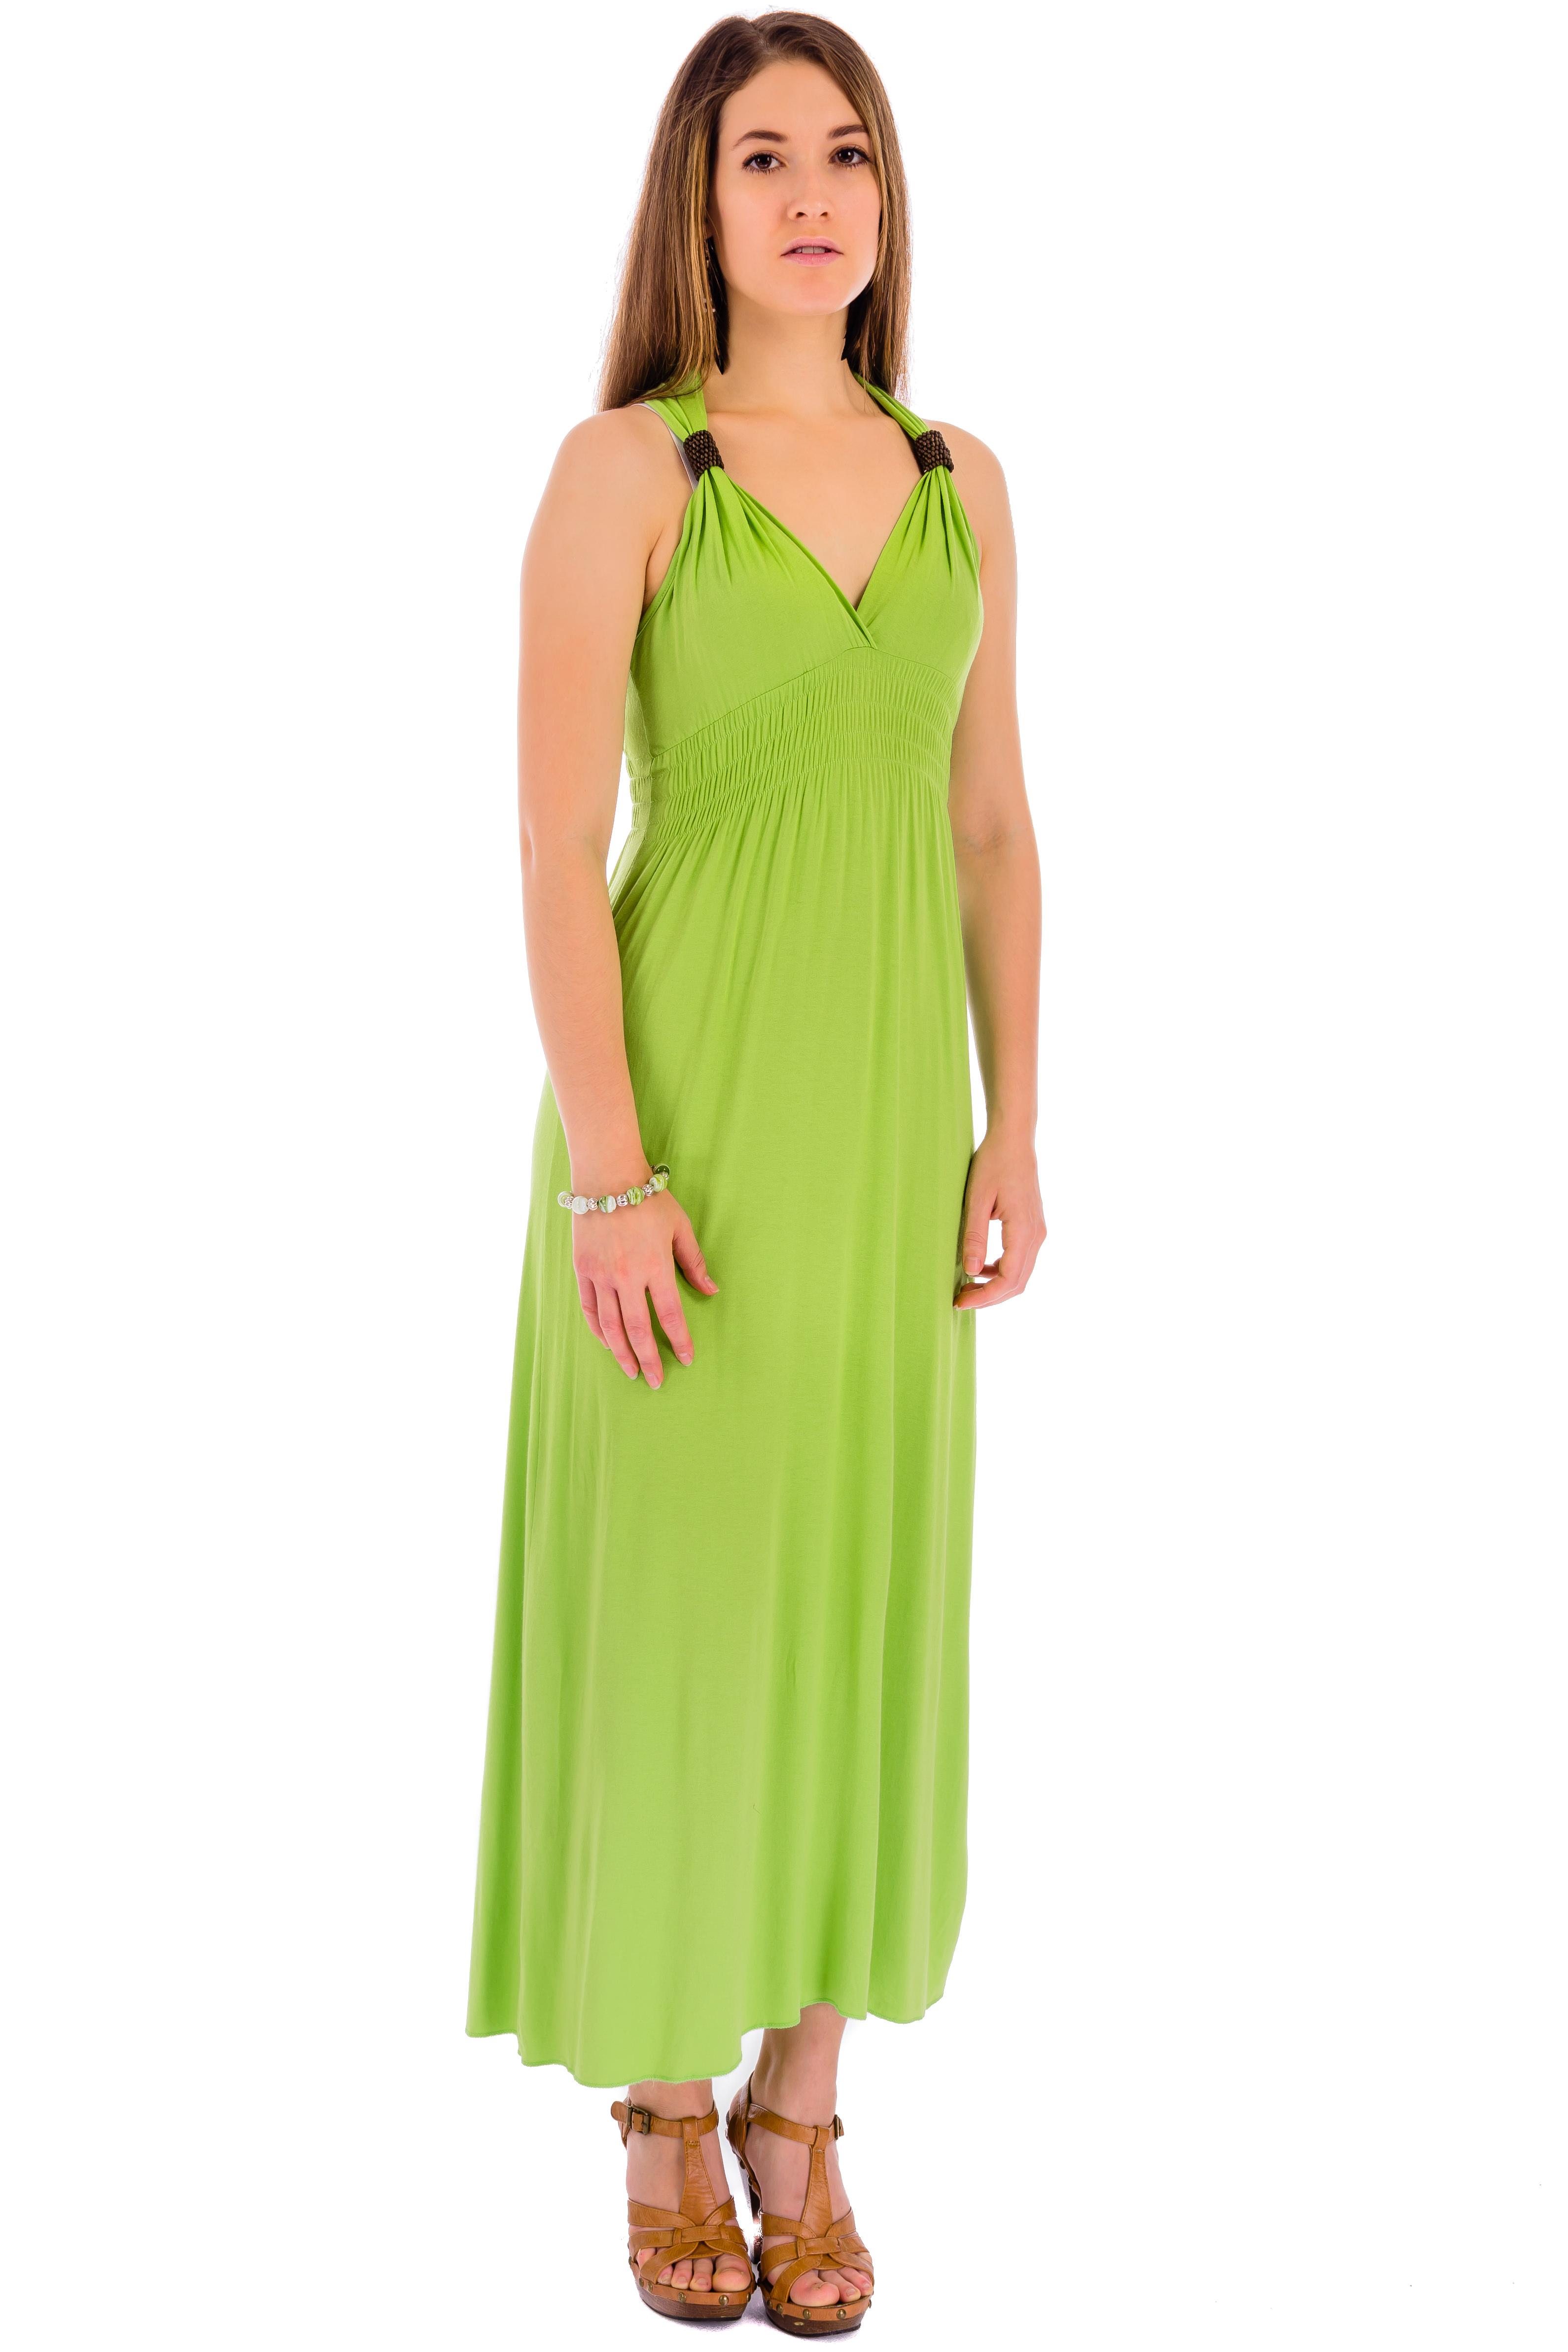 7e4c796c64 Womens Ladies Bohemian Sleeveless Long Summer Beach Spaghetti Strap Maxi  Dress